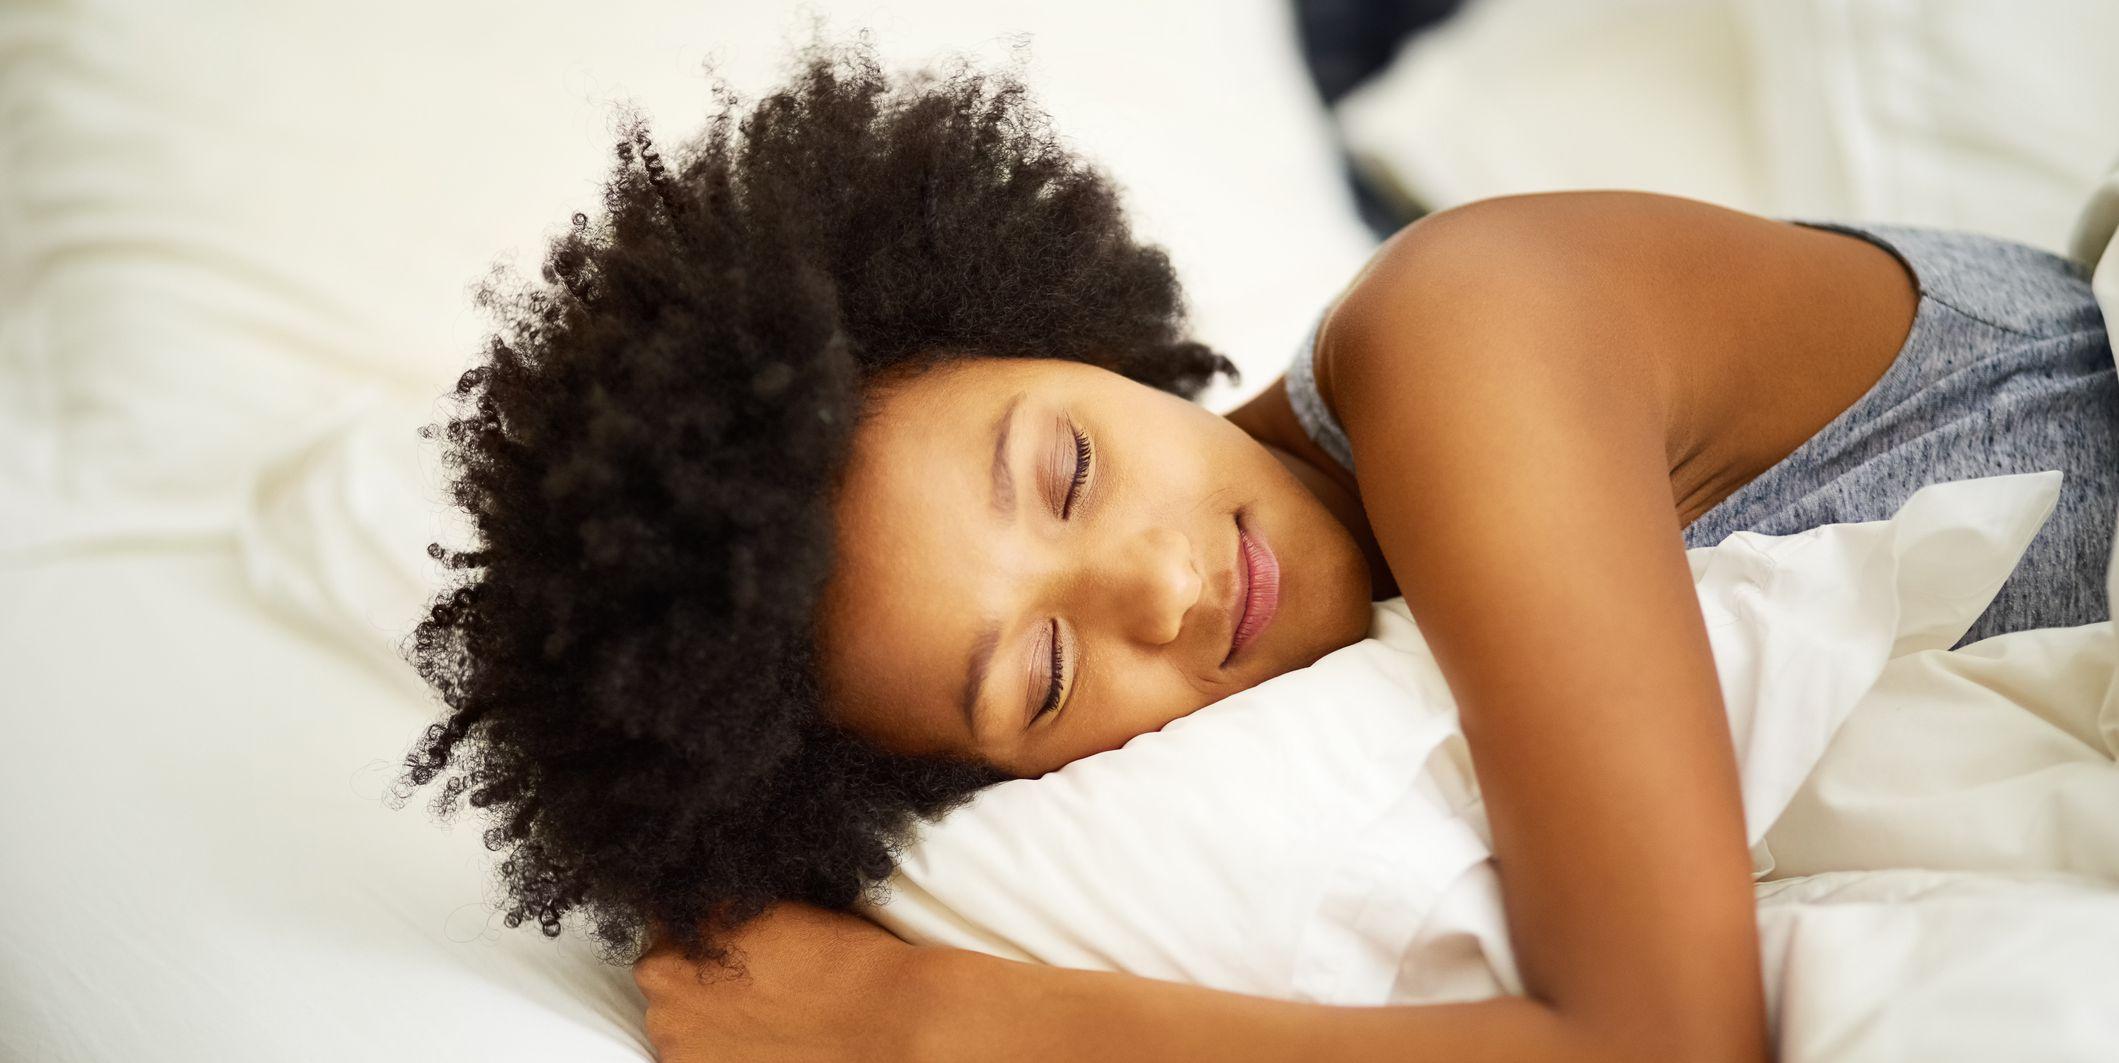 Breathing techniques for sleep - Women's Health UK